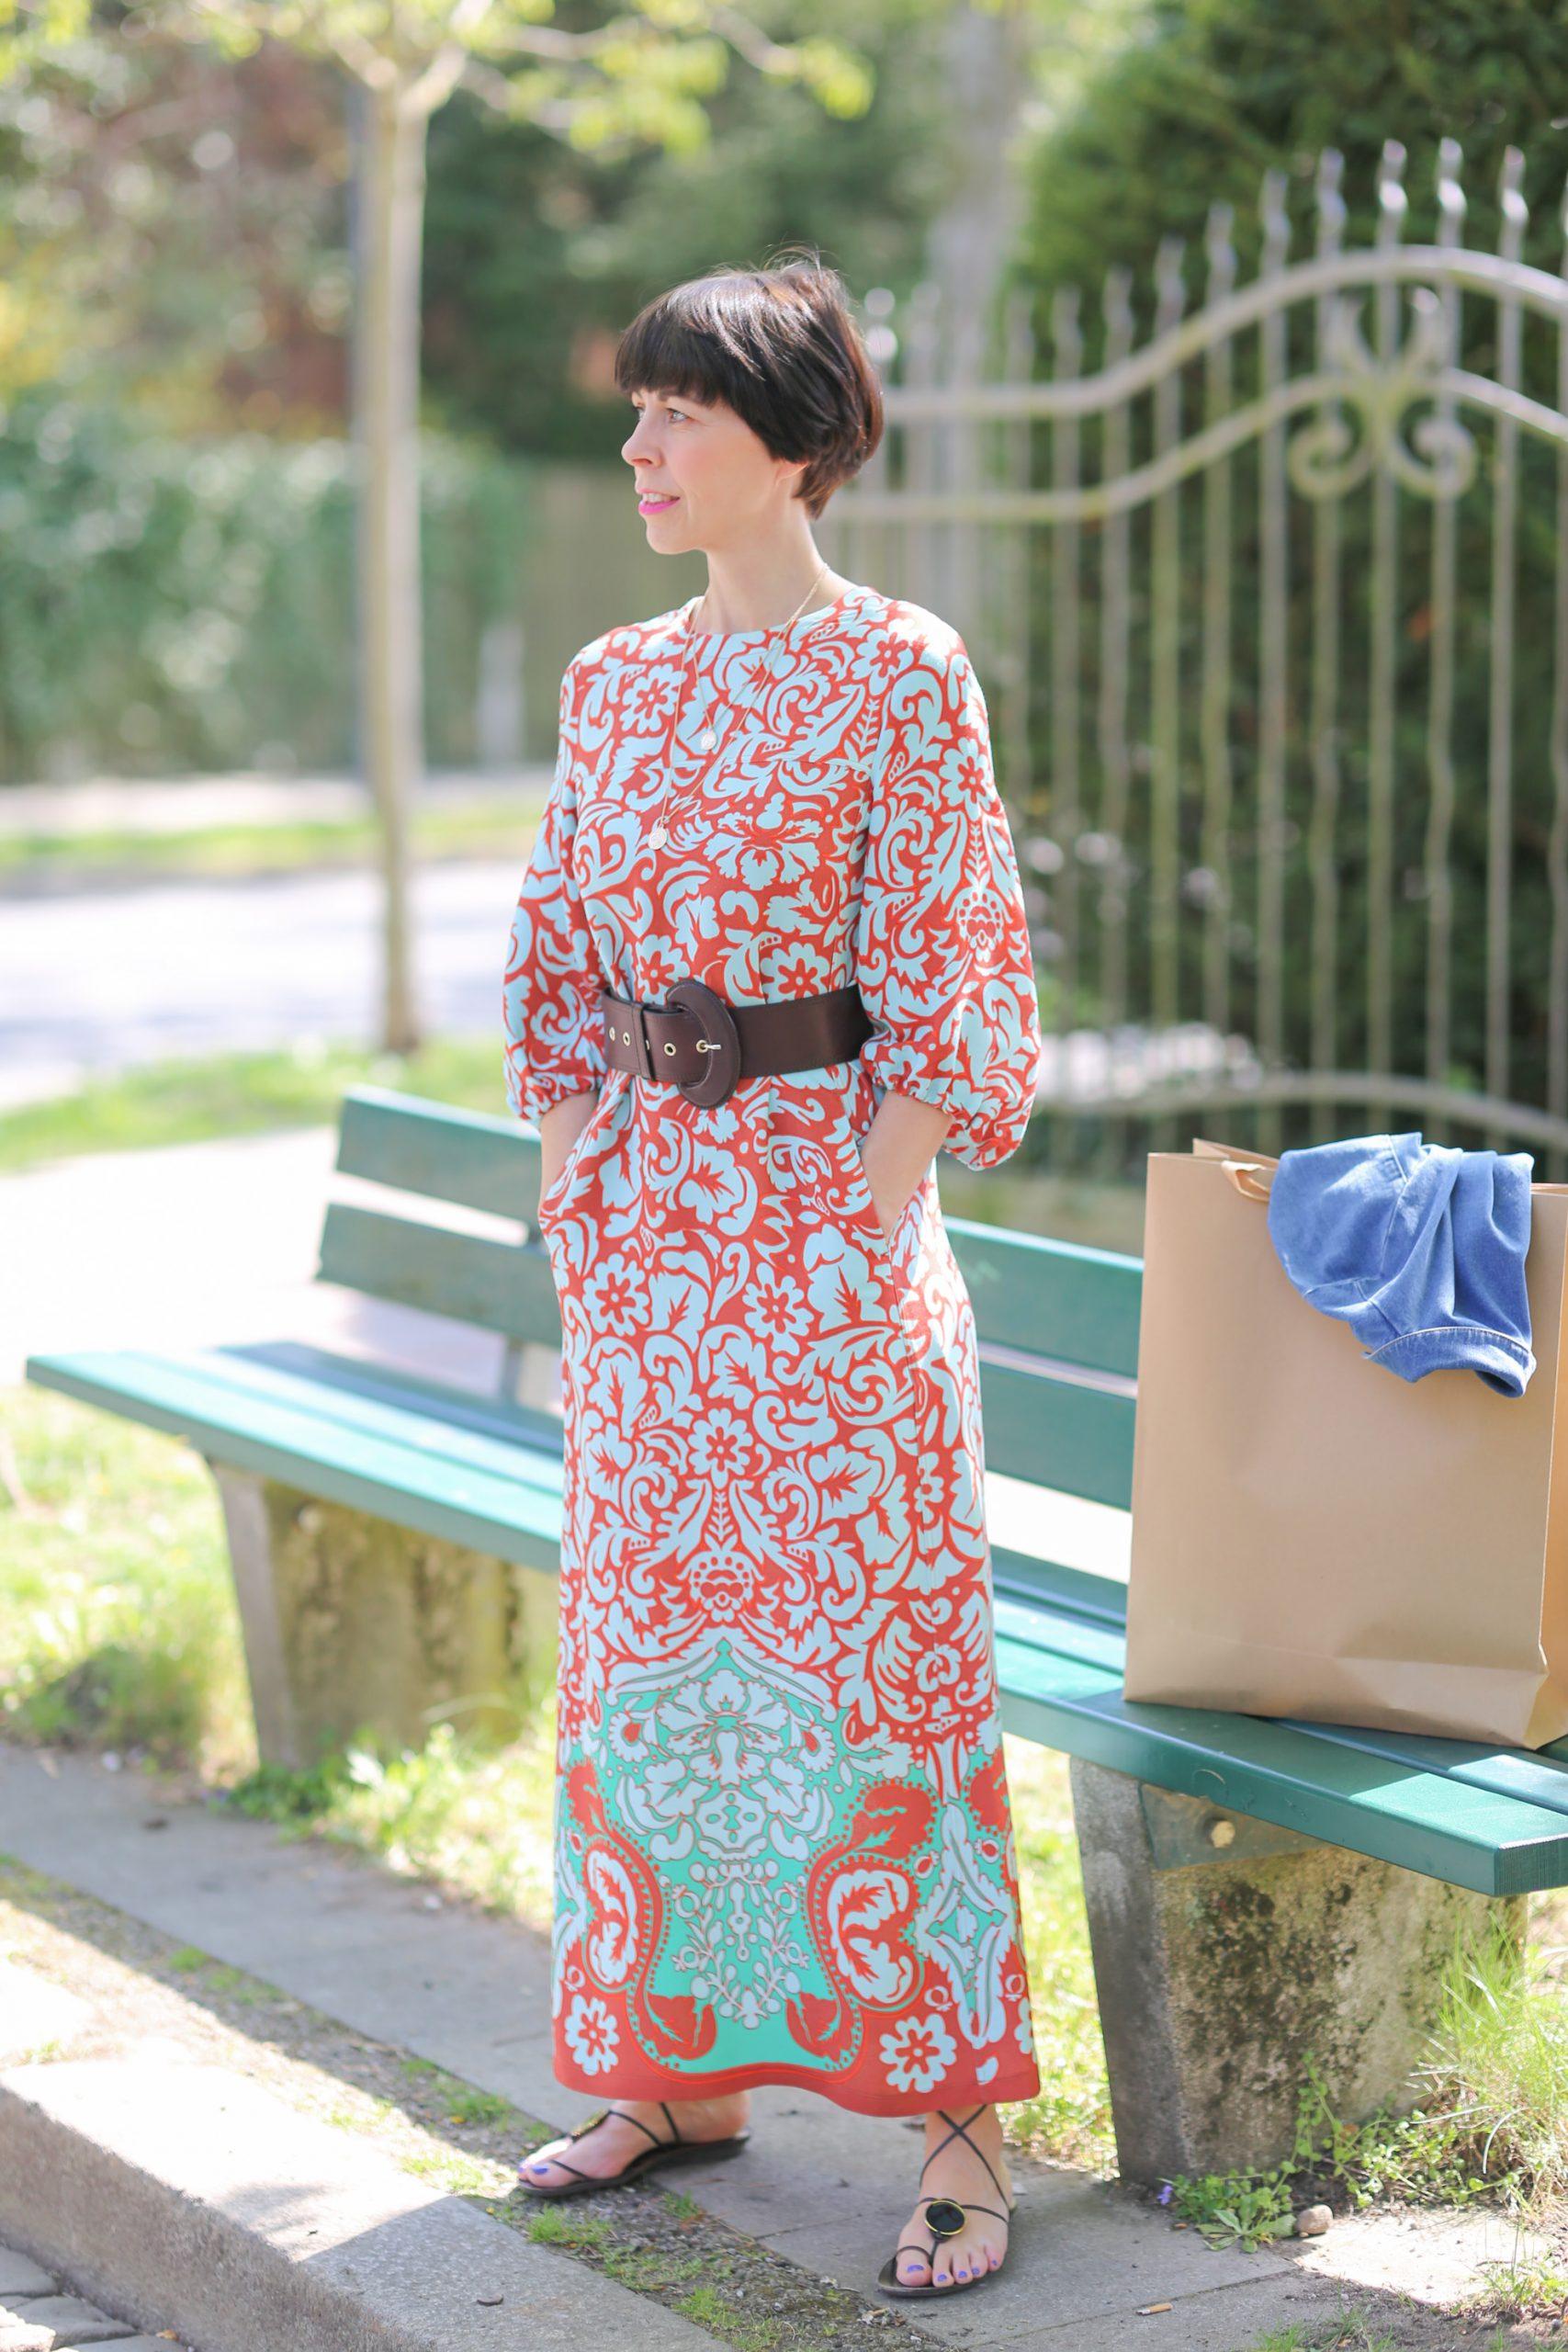 Städtetrip Eine Frau mit einem bunten Maxikleid wartet an einer Bank mit ihrer Shoppingbag